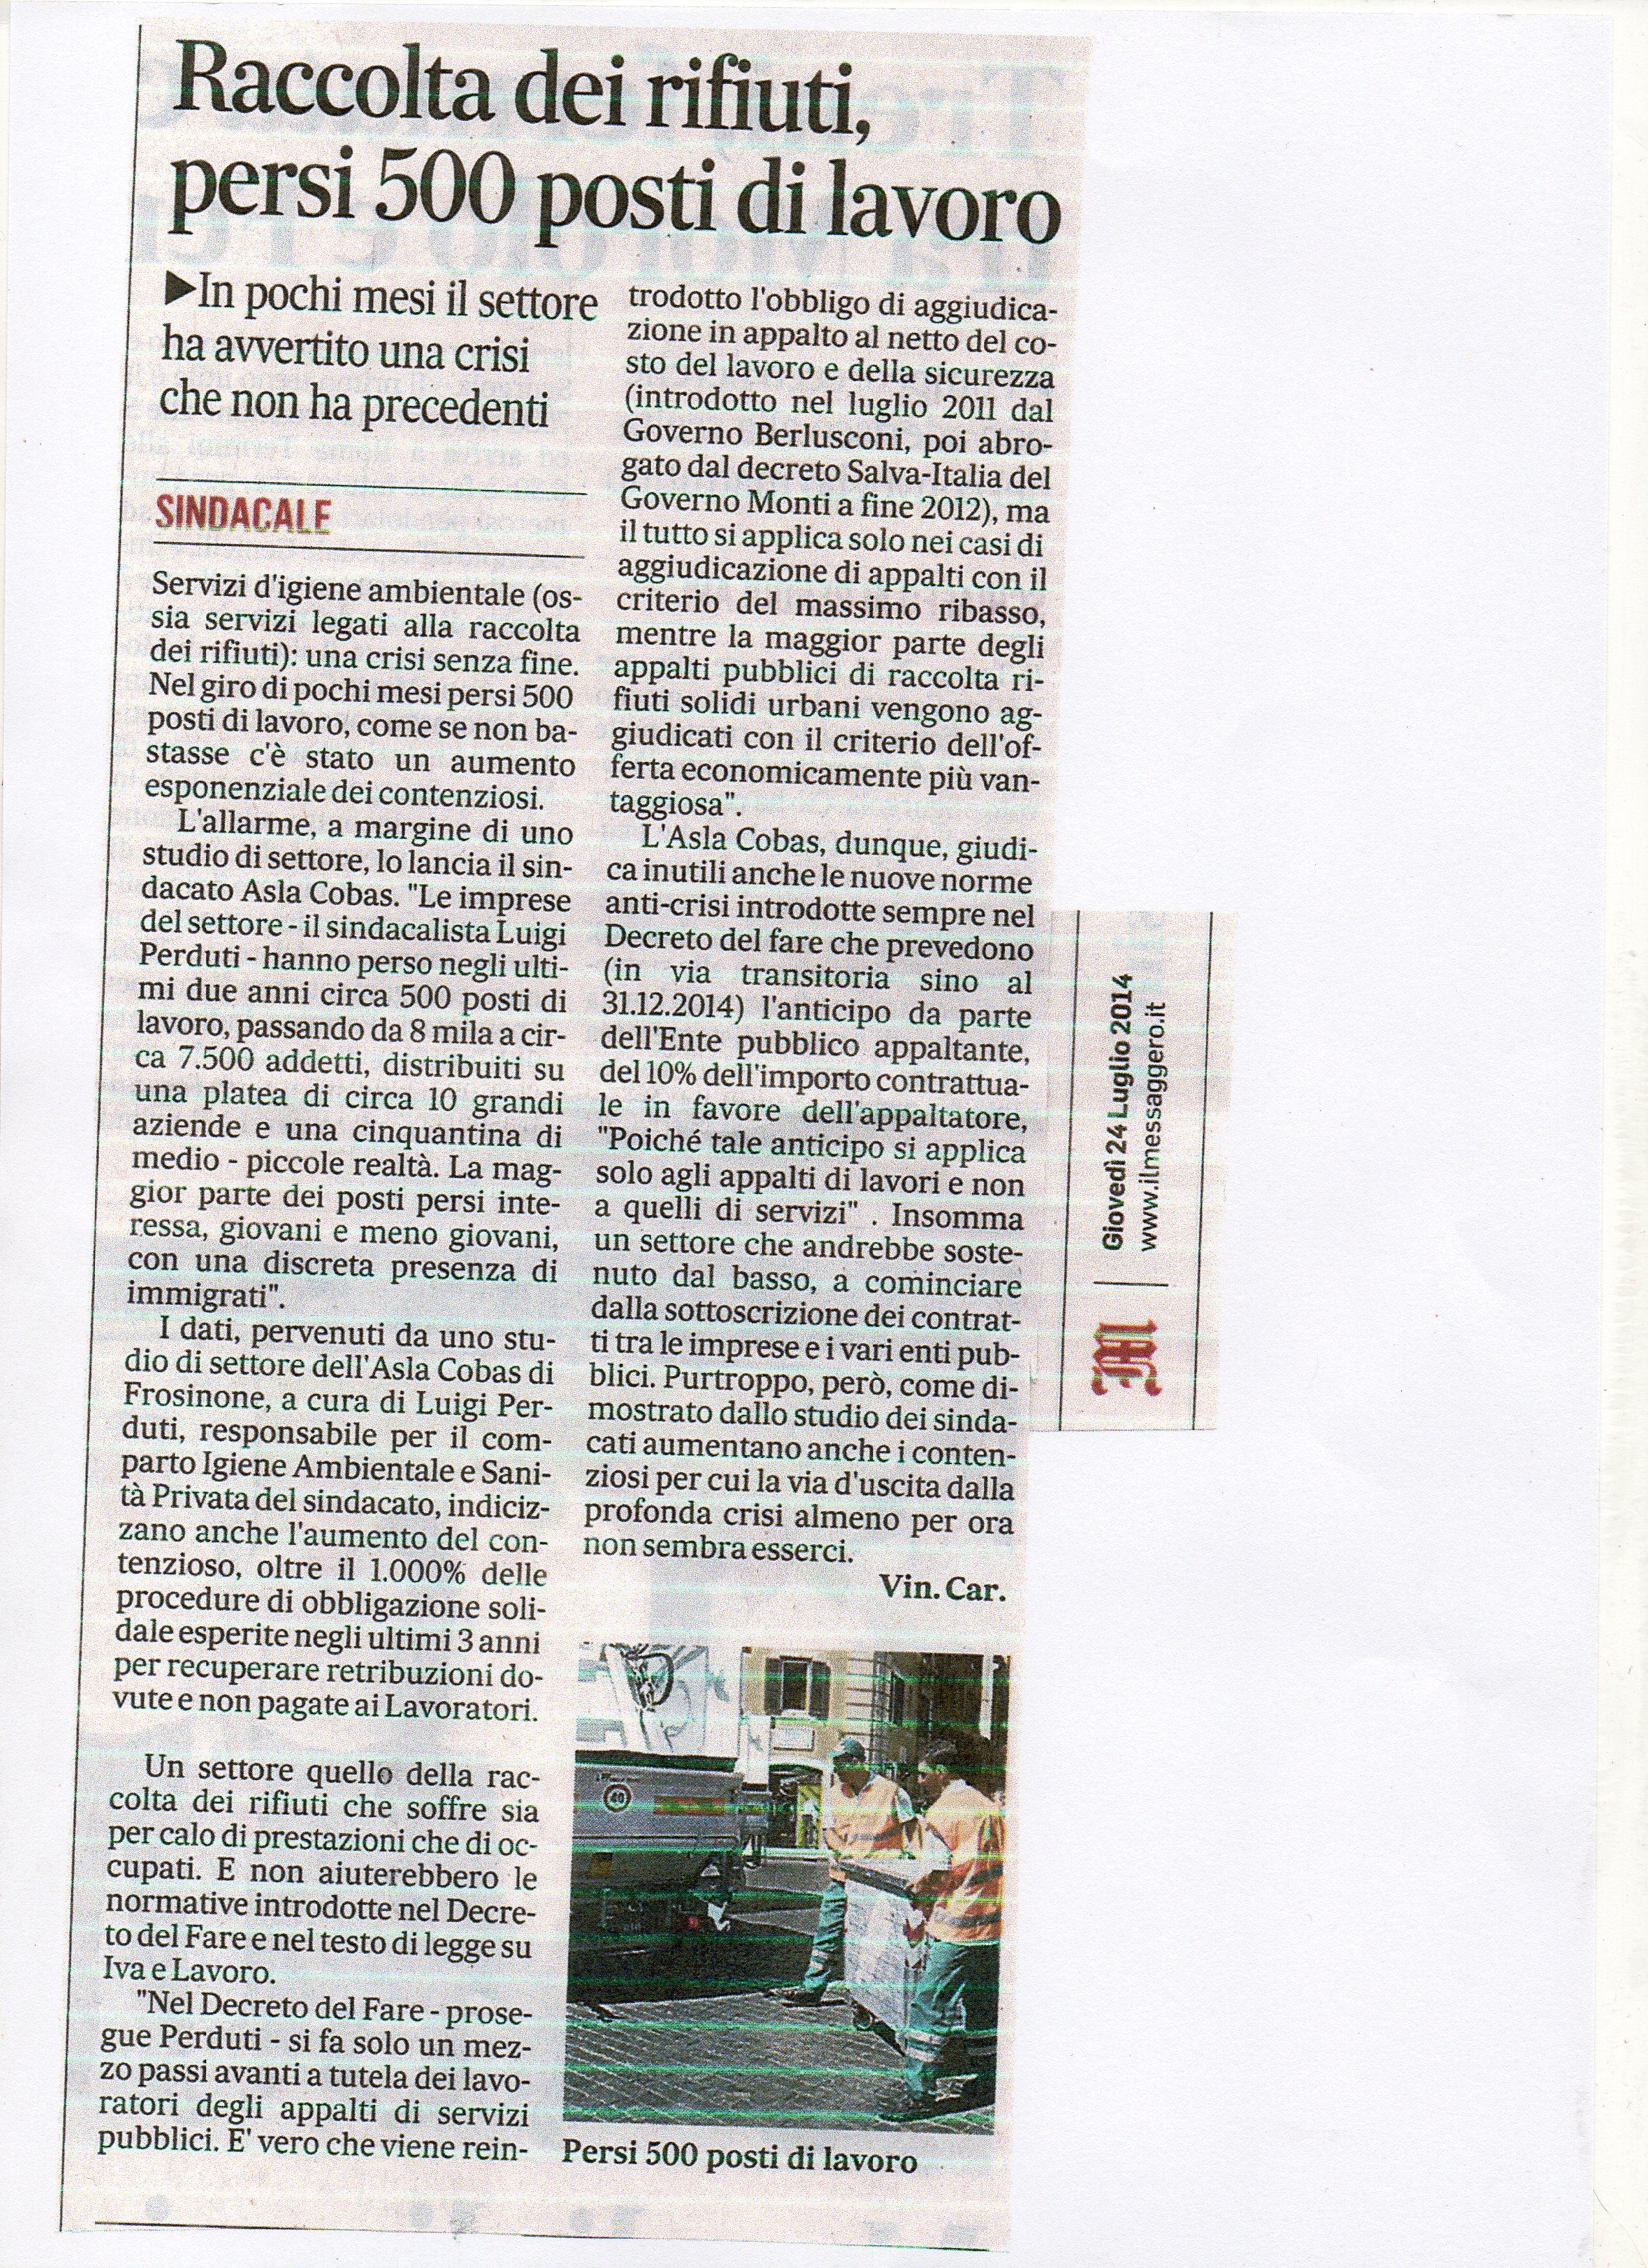 ARTICOLO MESSAGGERO DEL 24 LUGLIO 2014001